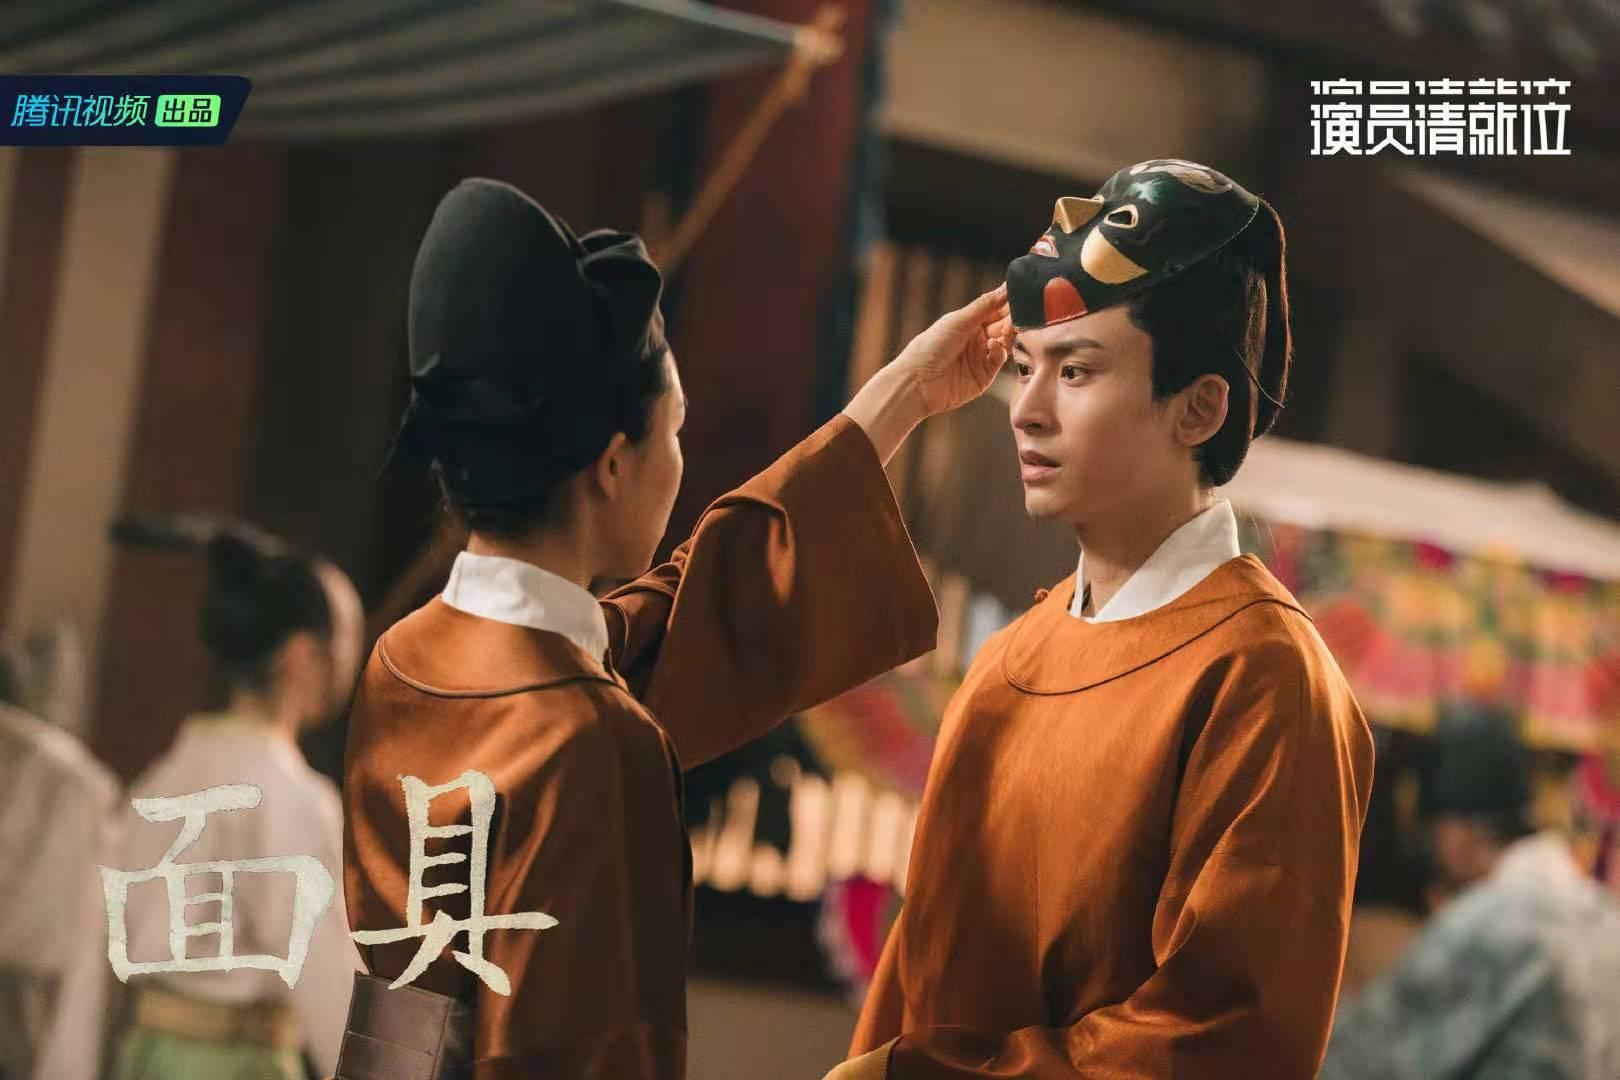 Cherry Ngan and Zhehan Zhang in Mian Ju (2019)